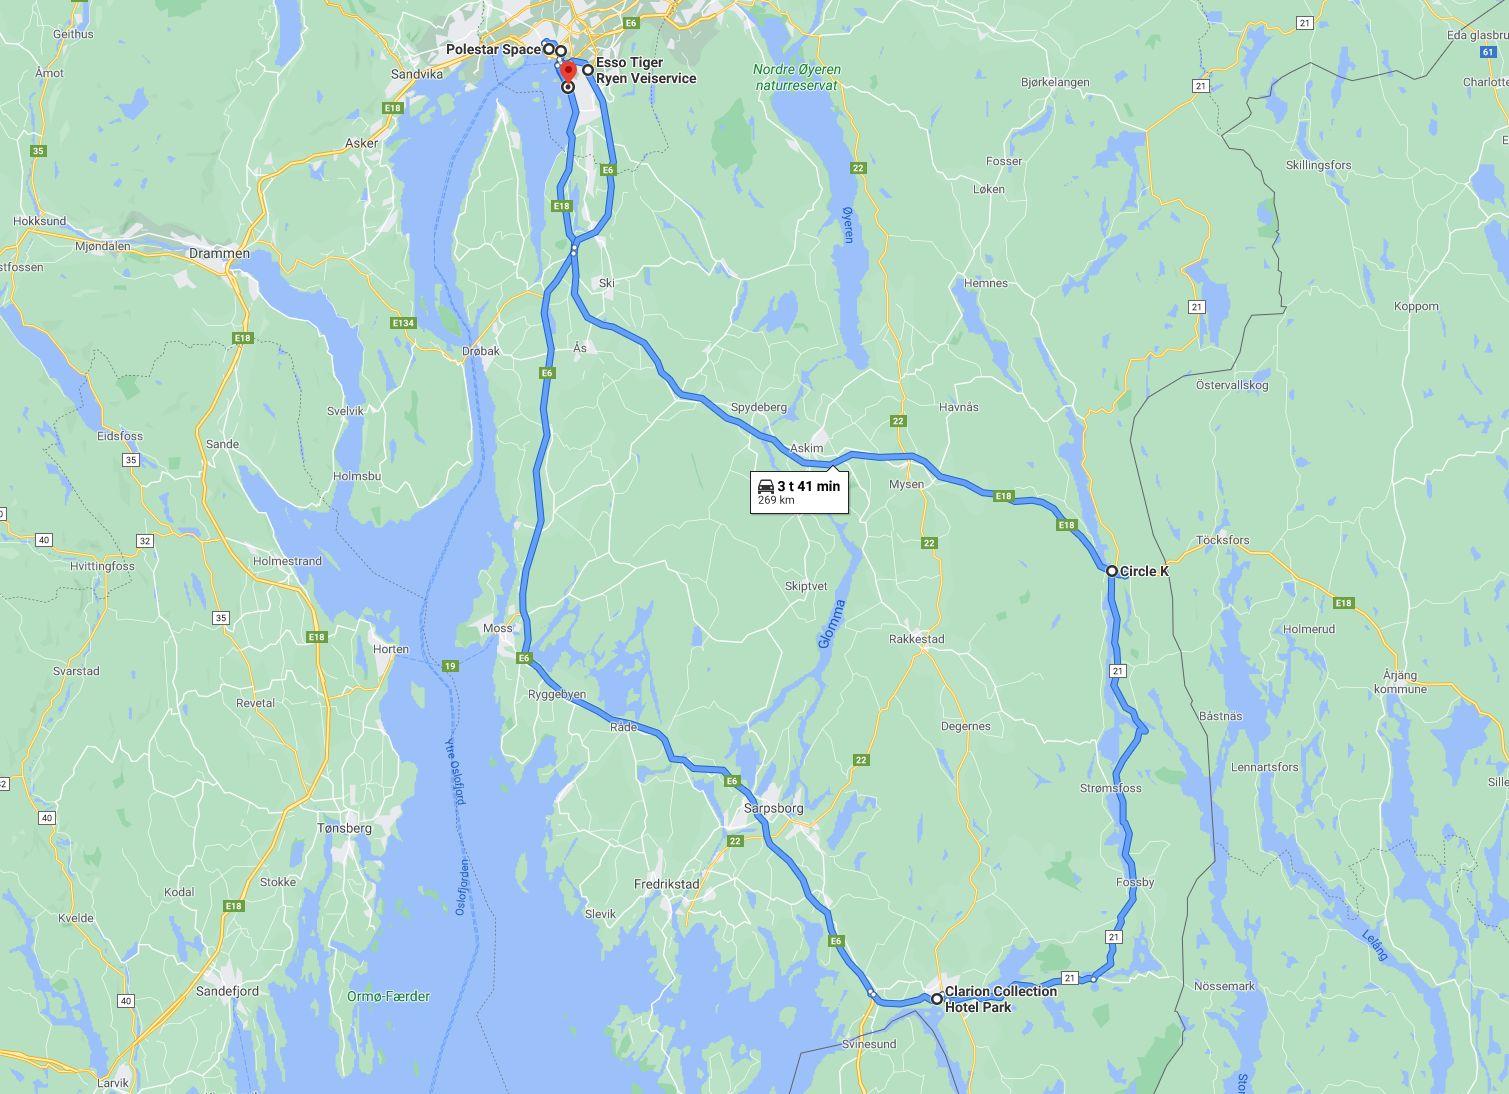 Ruta vi kjørte. Vi startet i Oslo, kjørte til Halden, Ørje og tilbake.